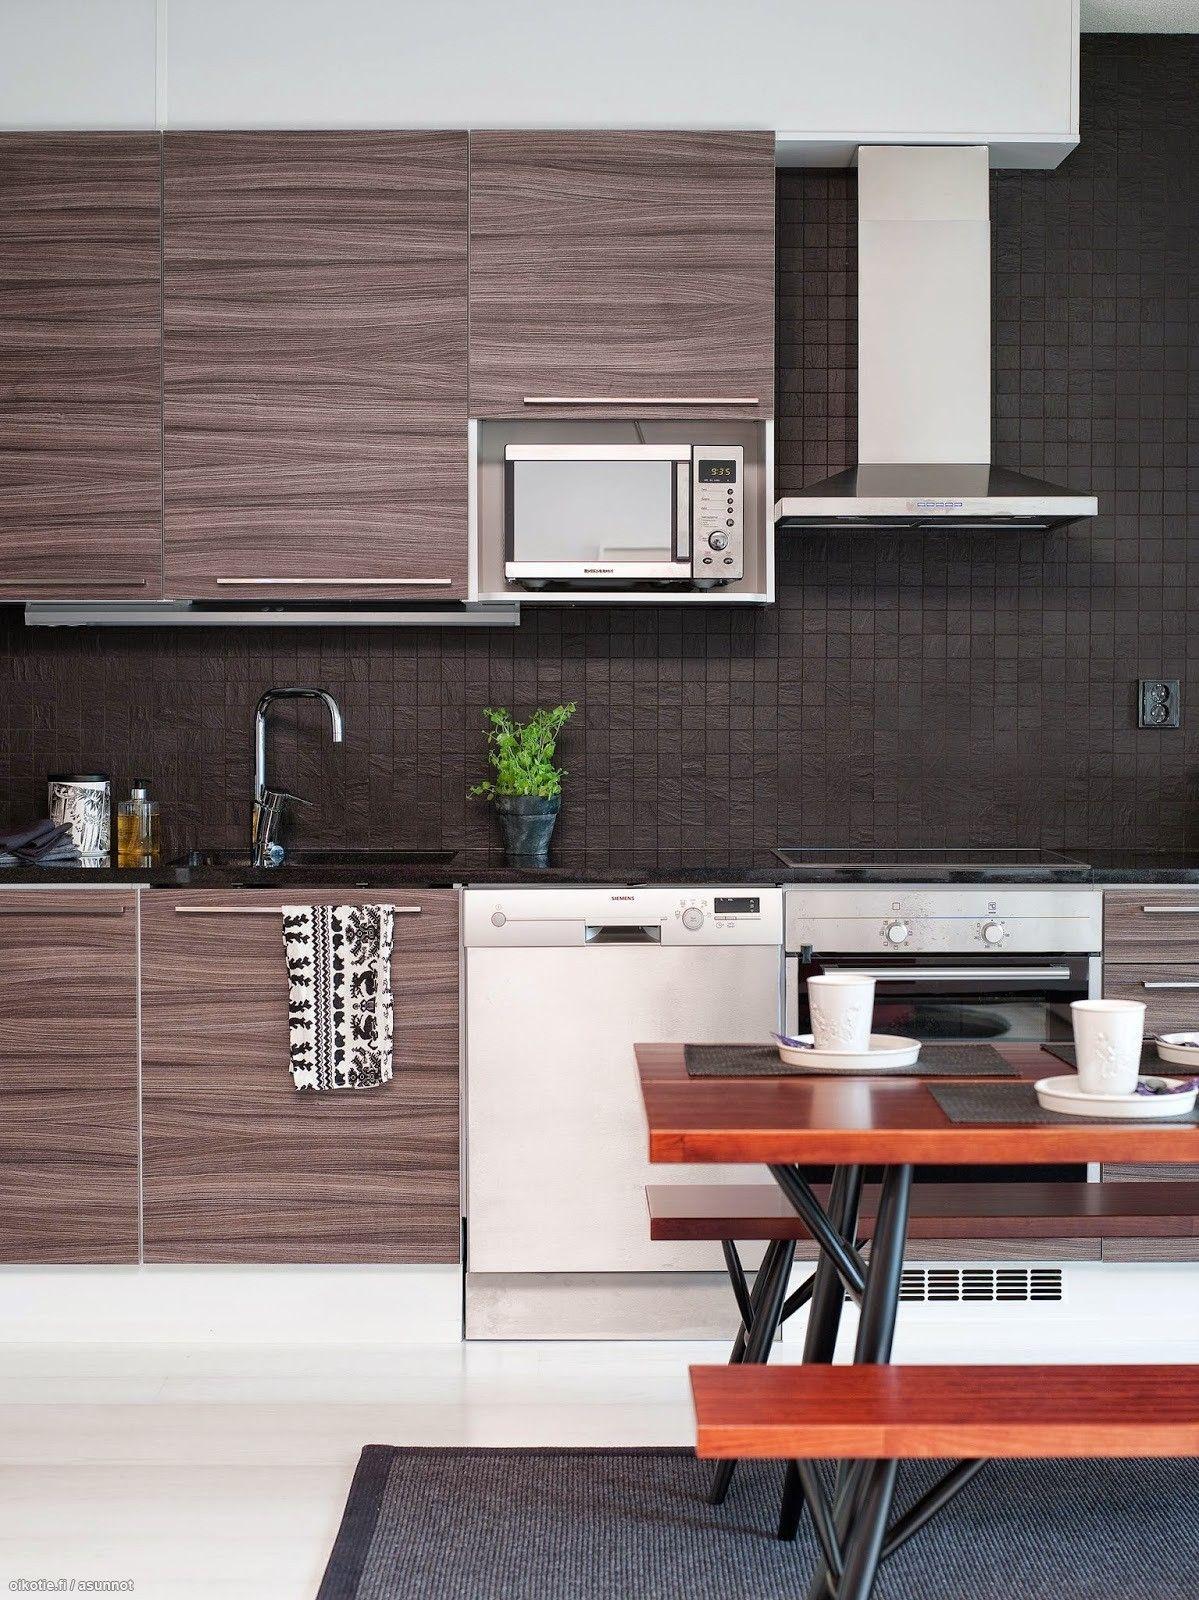 Myytävät asunnot, Kuuluttajankatu 6, Helsinki #oikotieasunnot #keittiö #kitchen #Helsinki